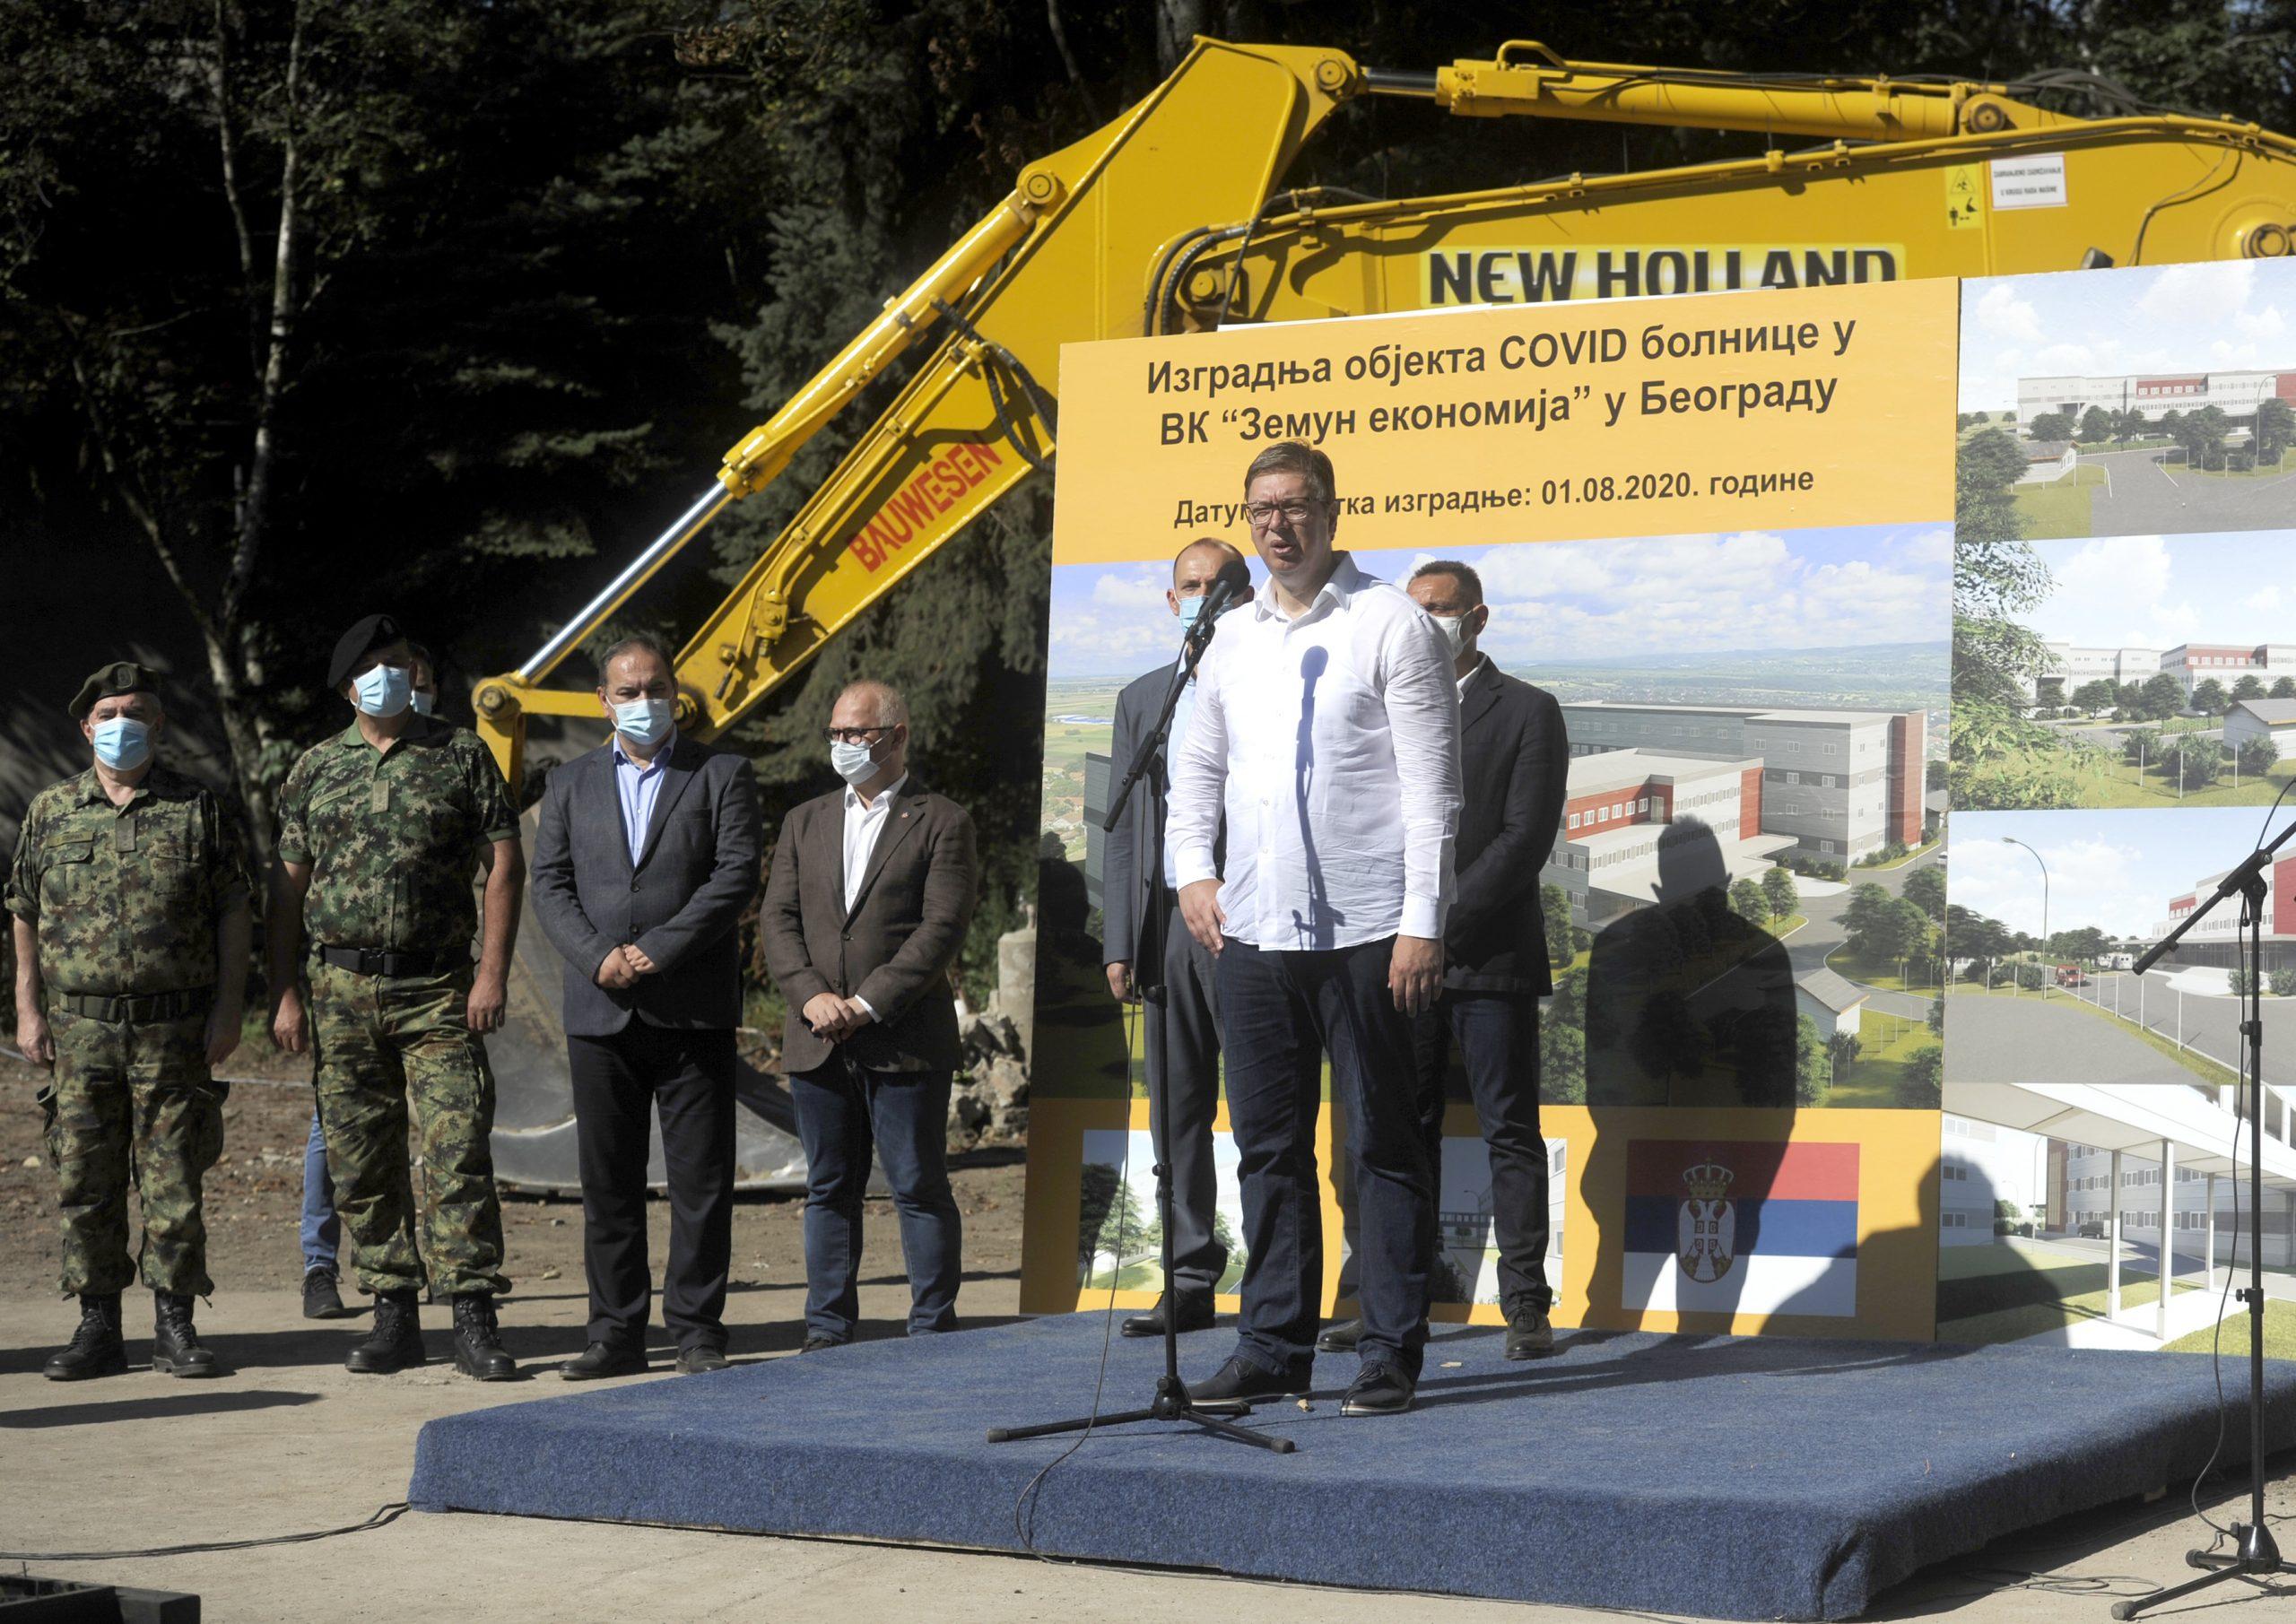 Aleksandar Vucic na polaganju kamena temeljca kovid bolnice